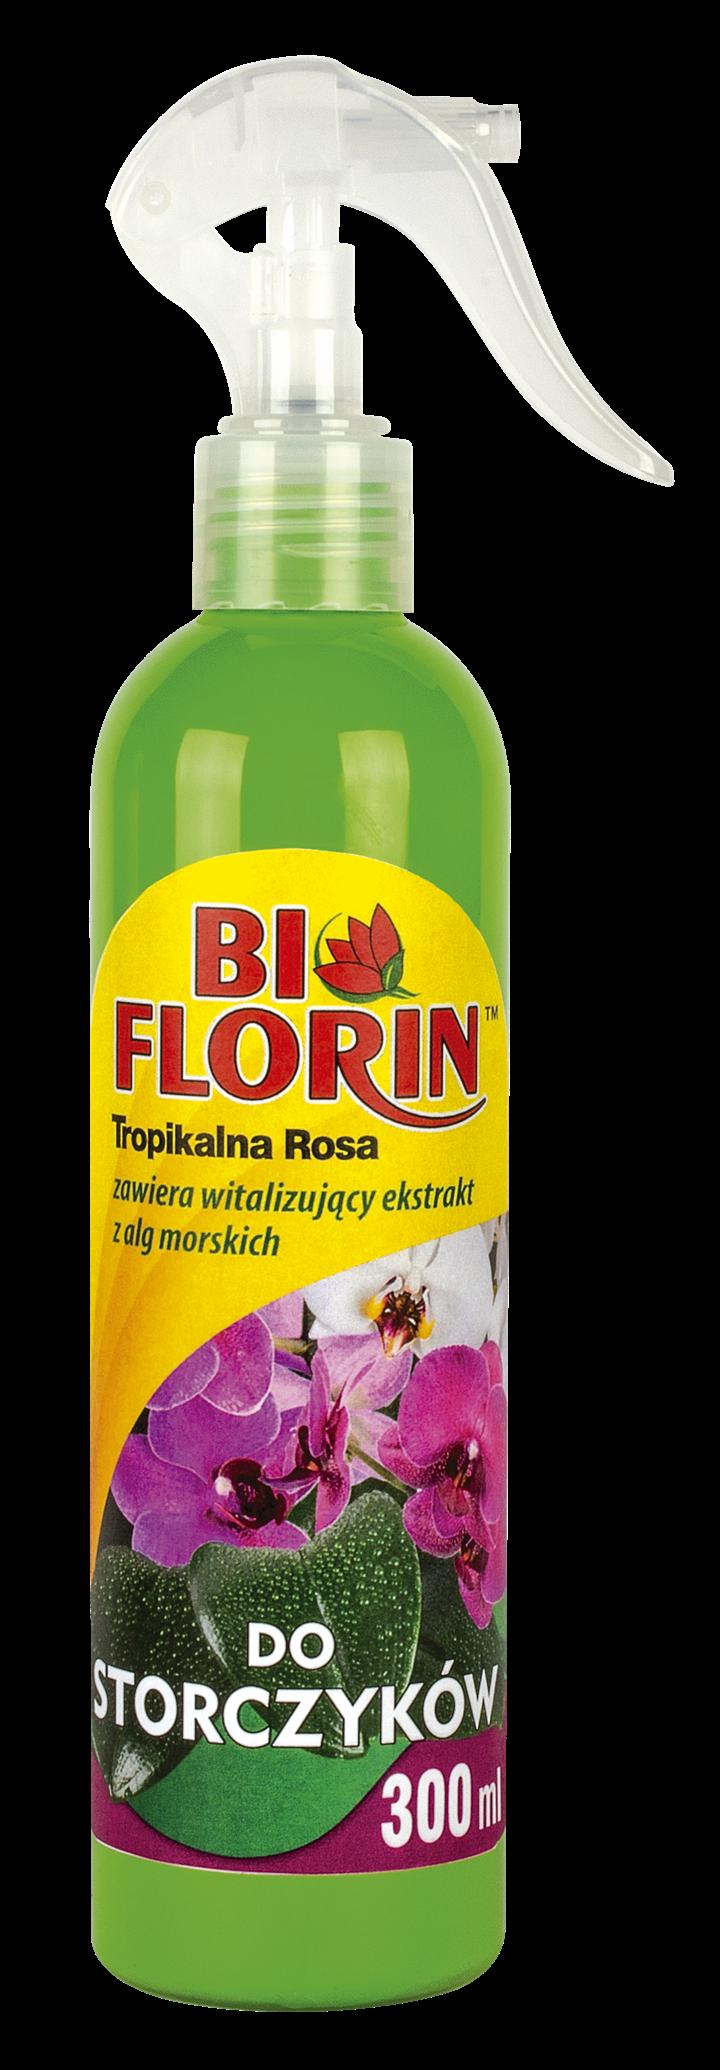 Tropikalna rosa do storczyków